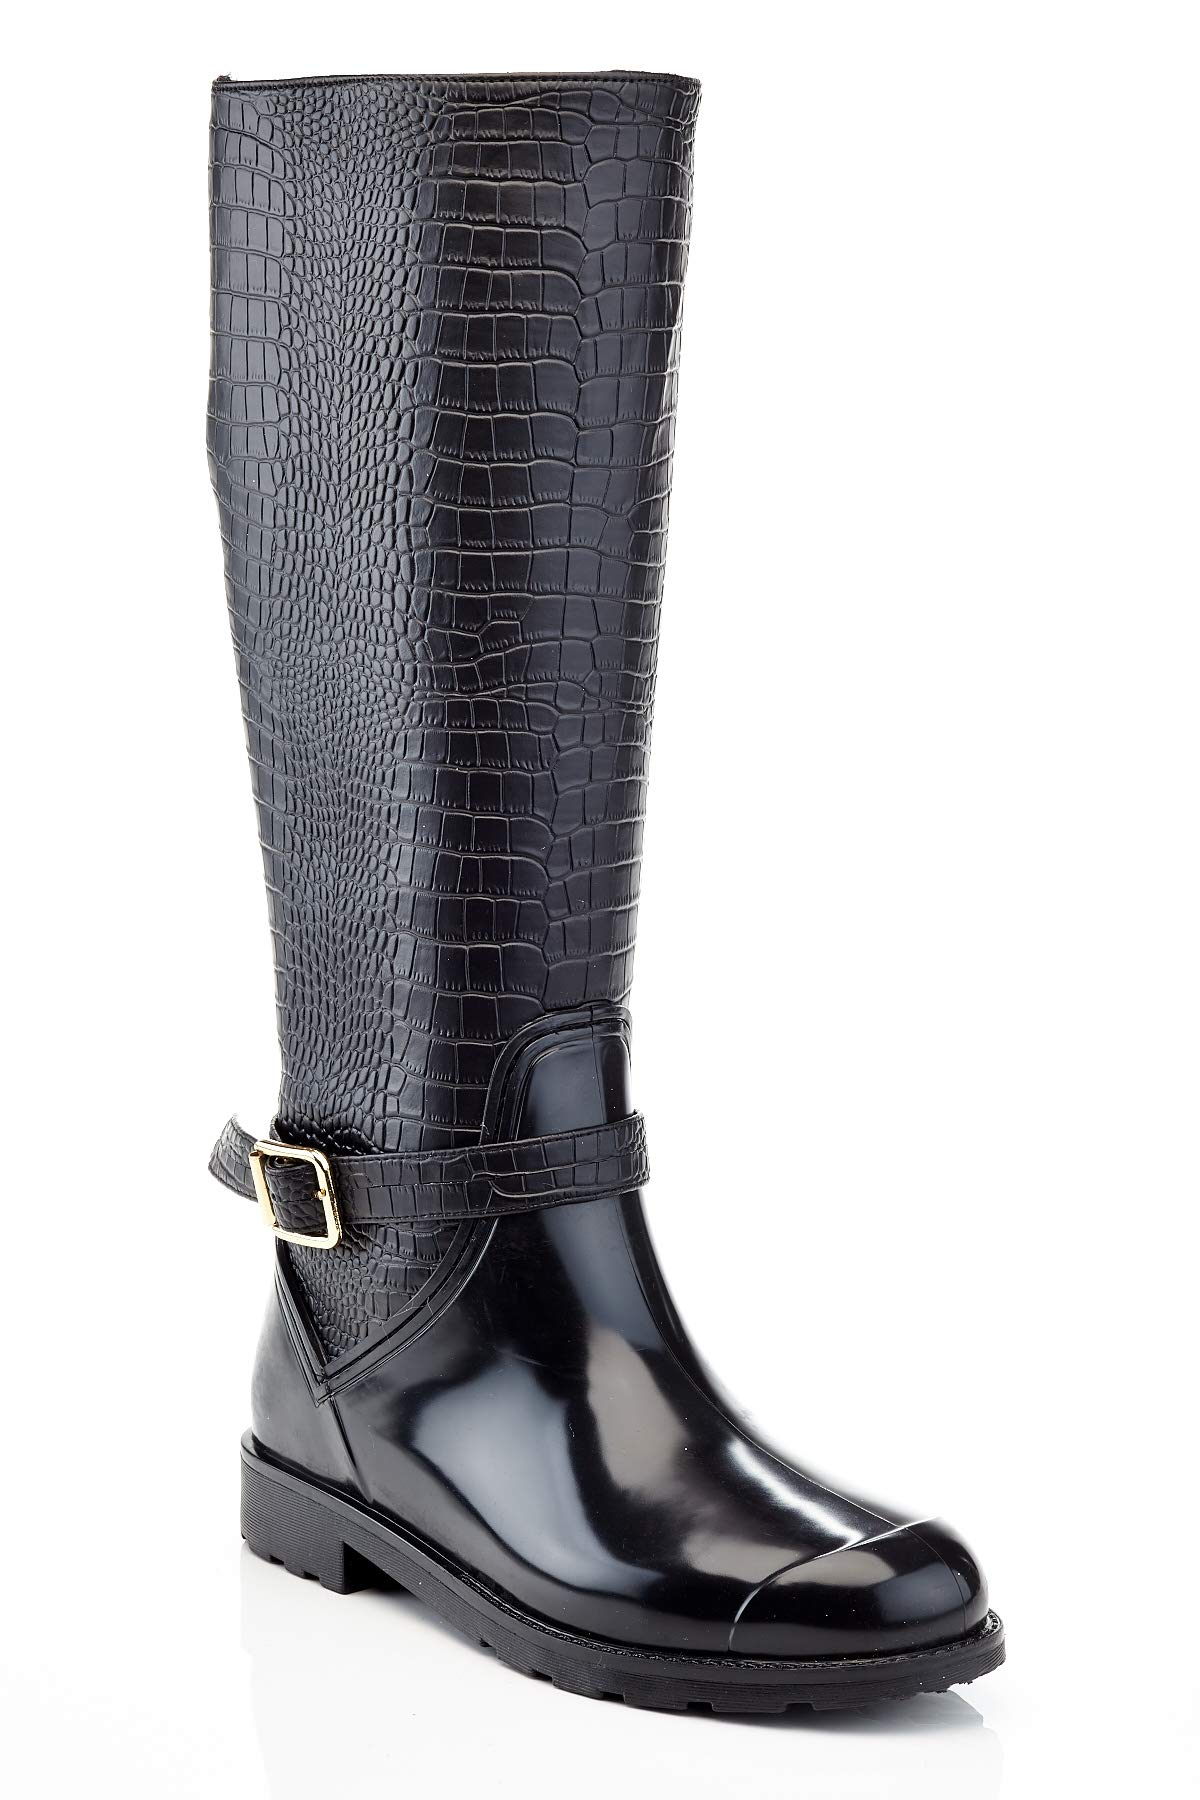 Henry Ferrera Womens Crocodile Fashion